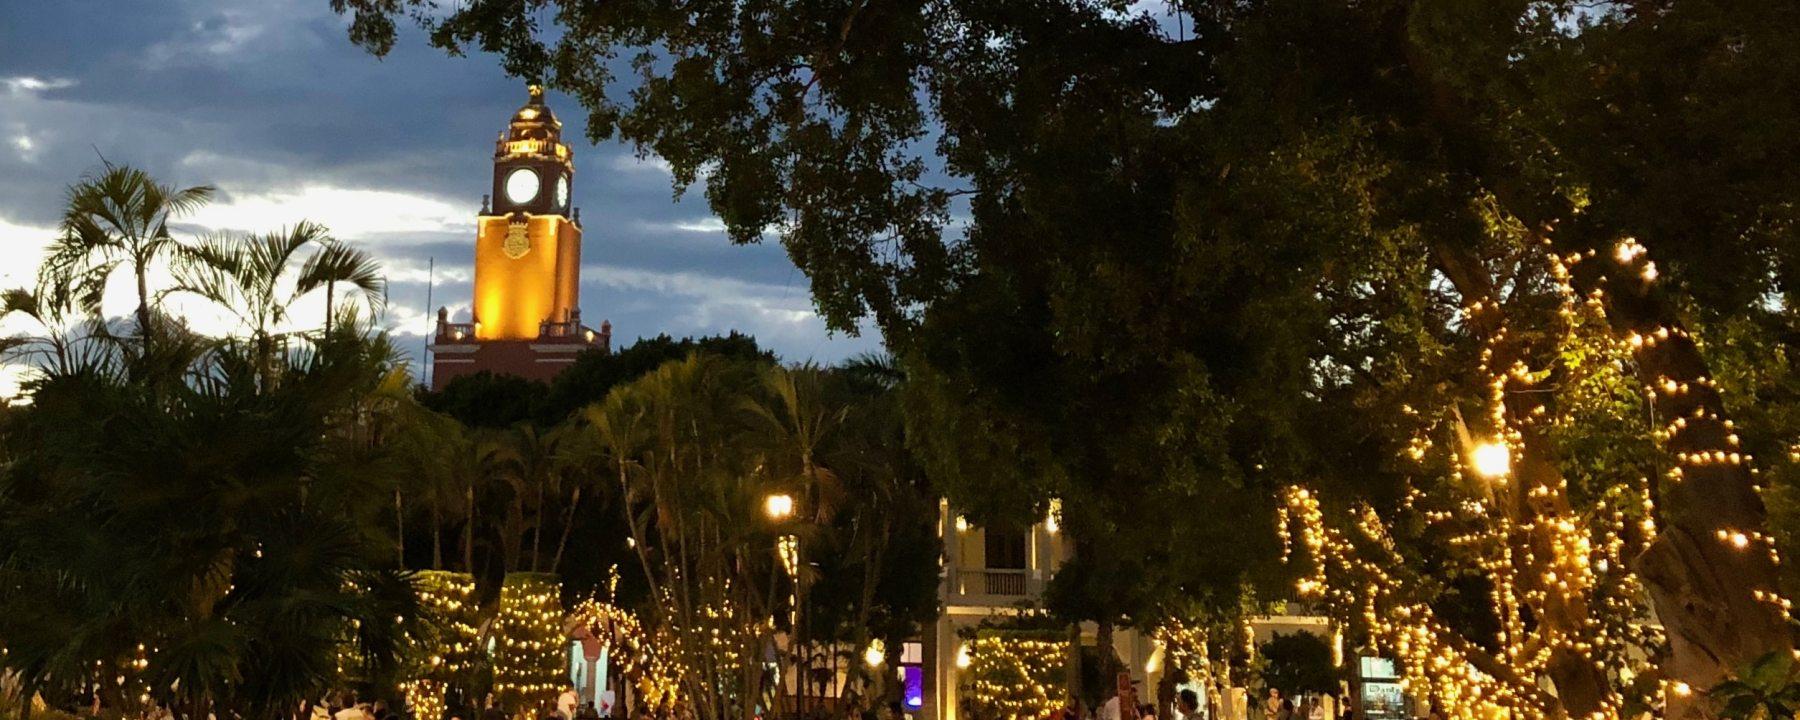 Plaza de la Independencia Merida Mexique